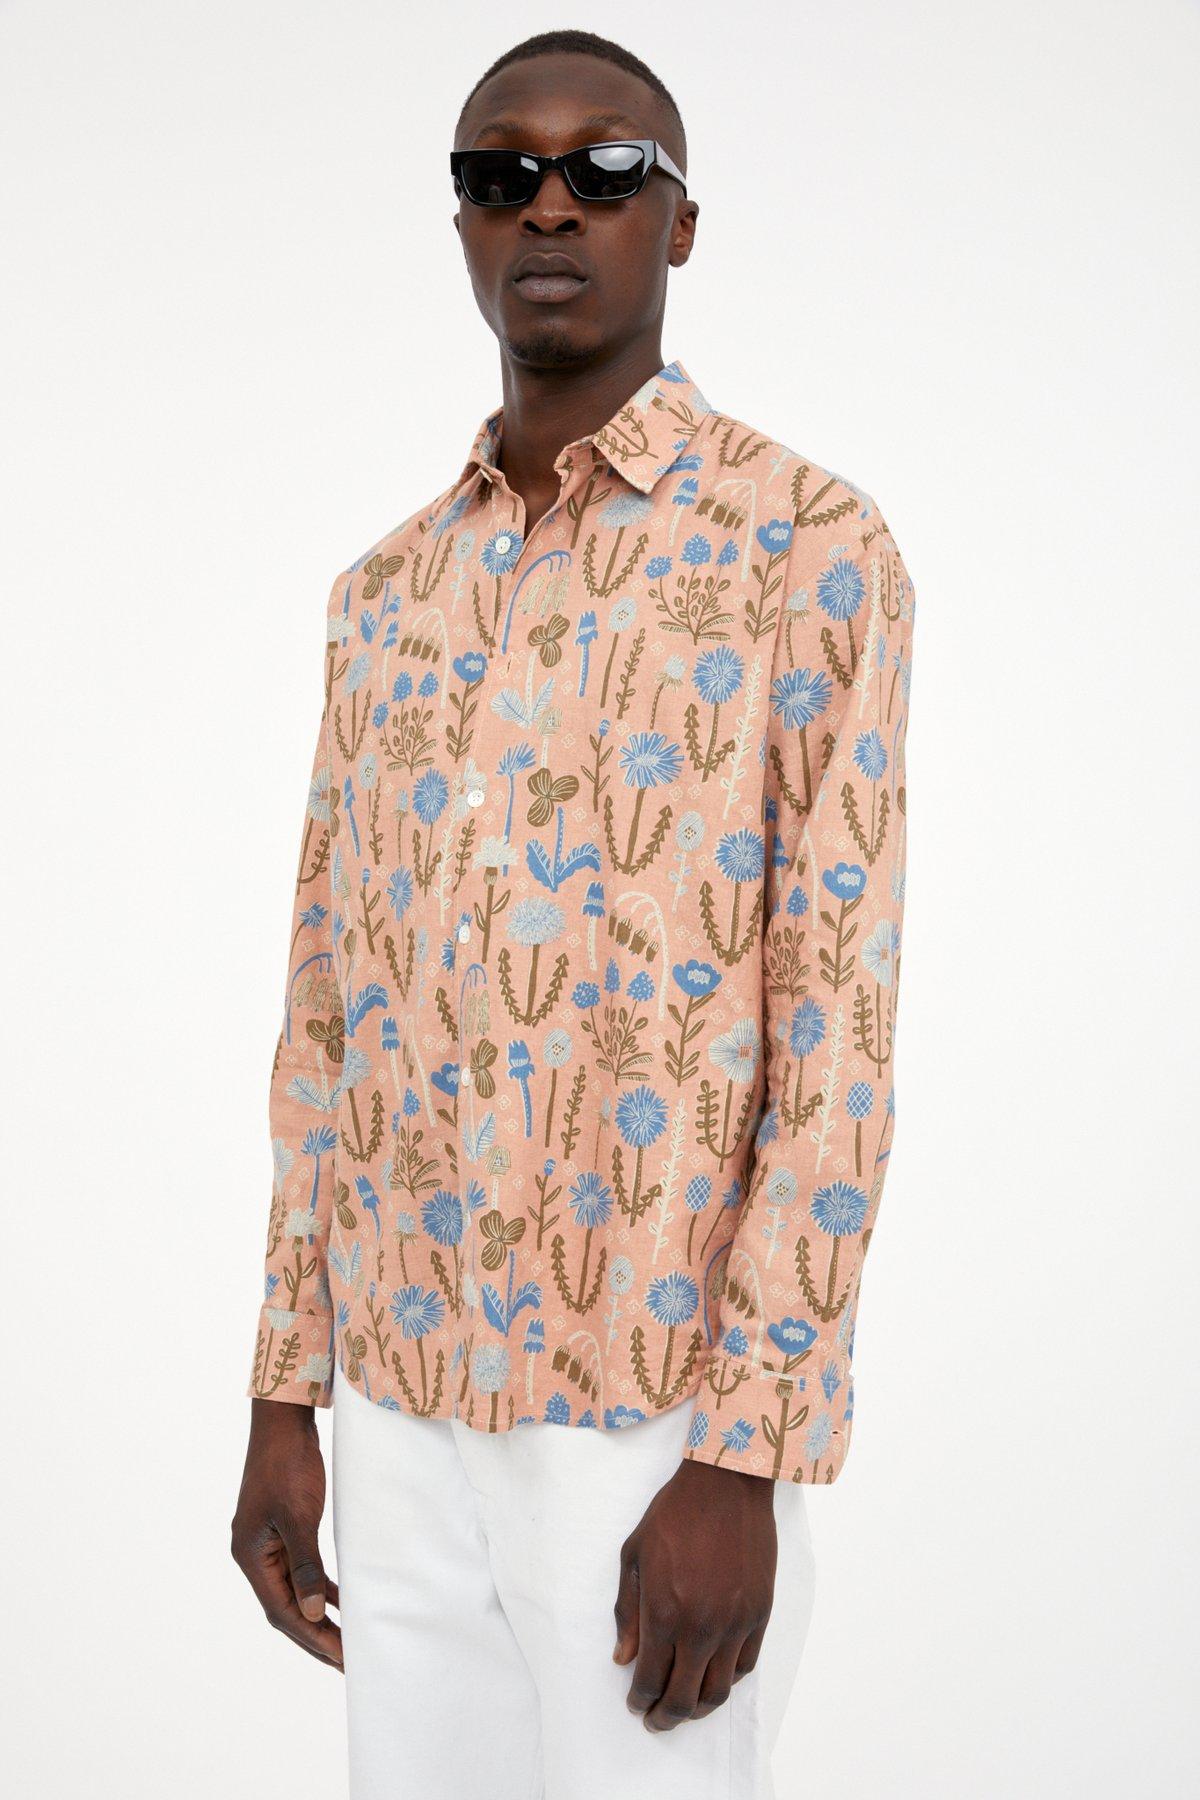 Herre festlige skjorter 17. mai